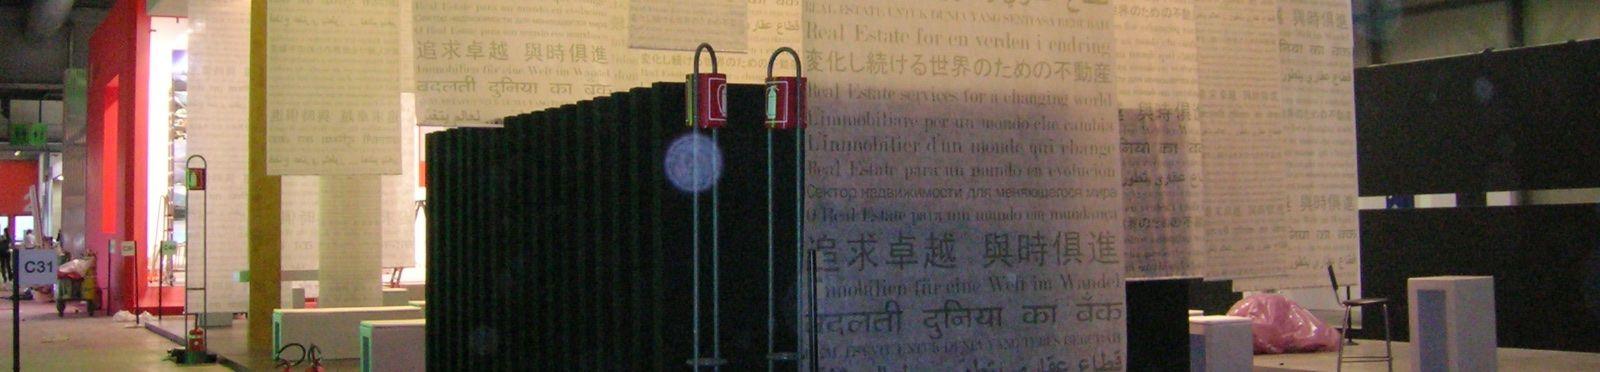 Stampare cotone per fiera